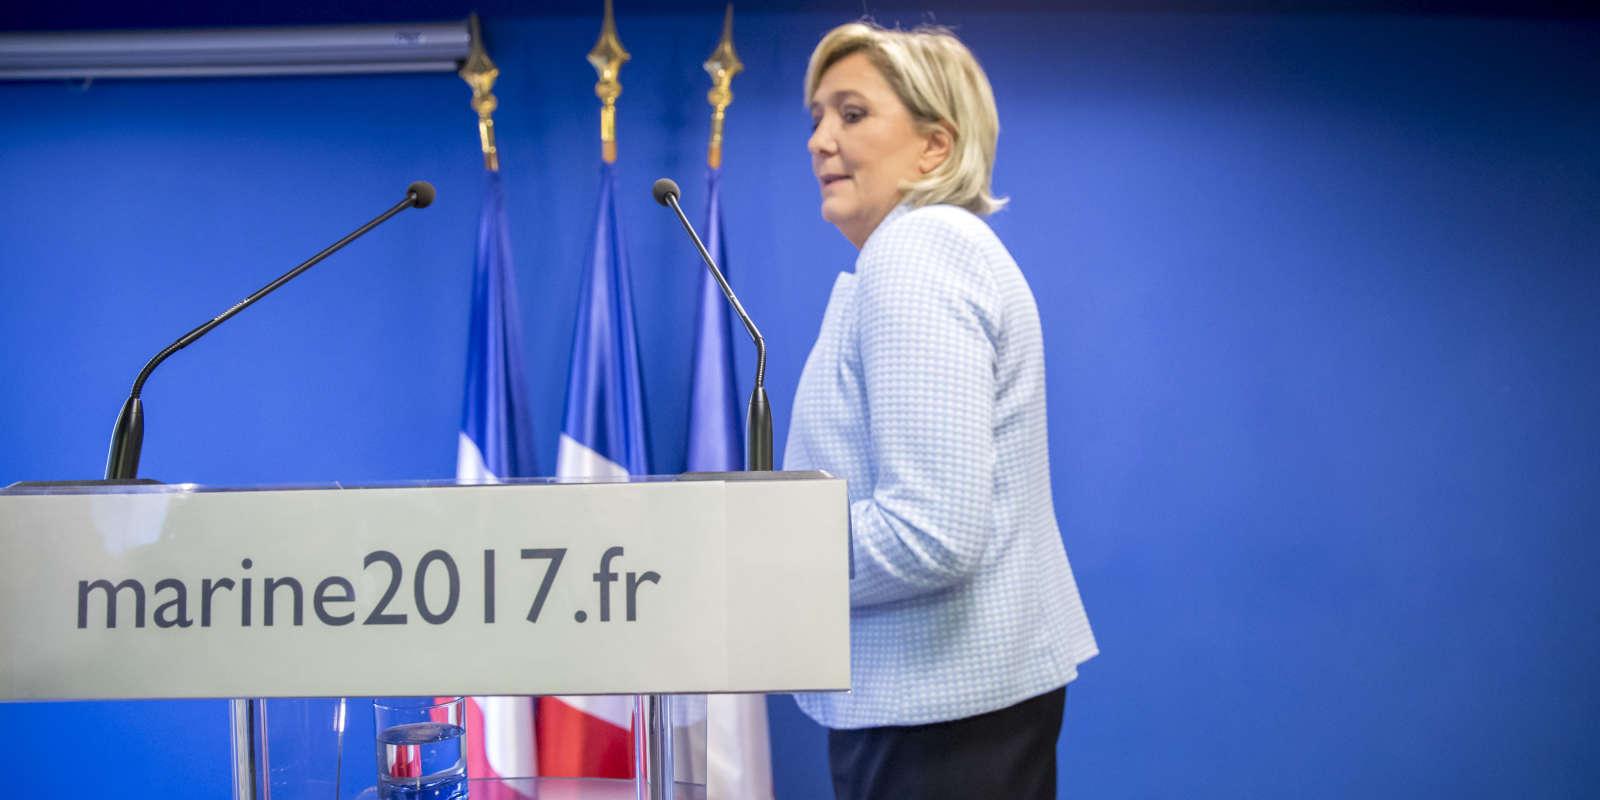 Marine Le Pen, réagi à la suite de l'élection de Donald Trump à la présidentielle américaine, au siège du Front national à Nanterre, mercredi 9 novembre 2016 - 2016